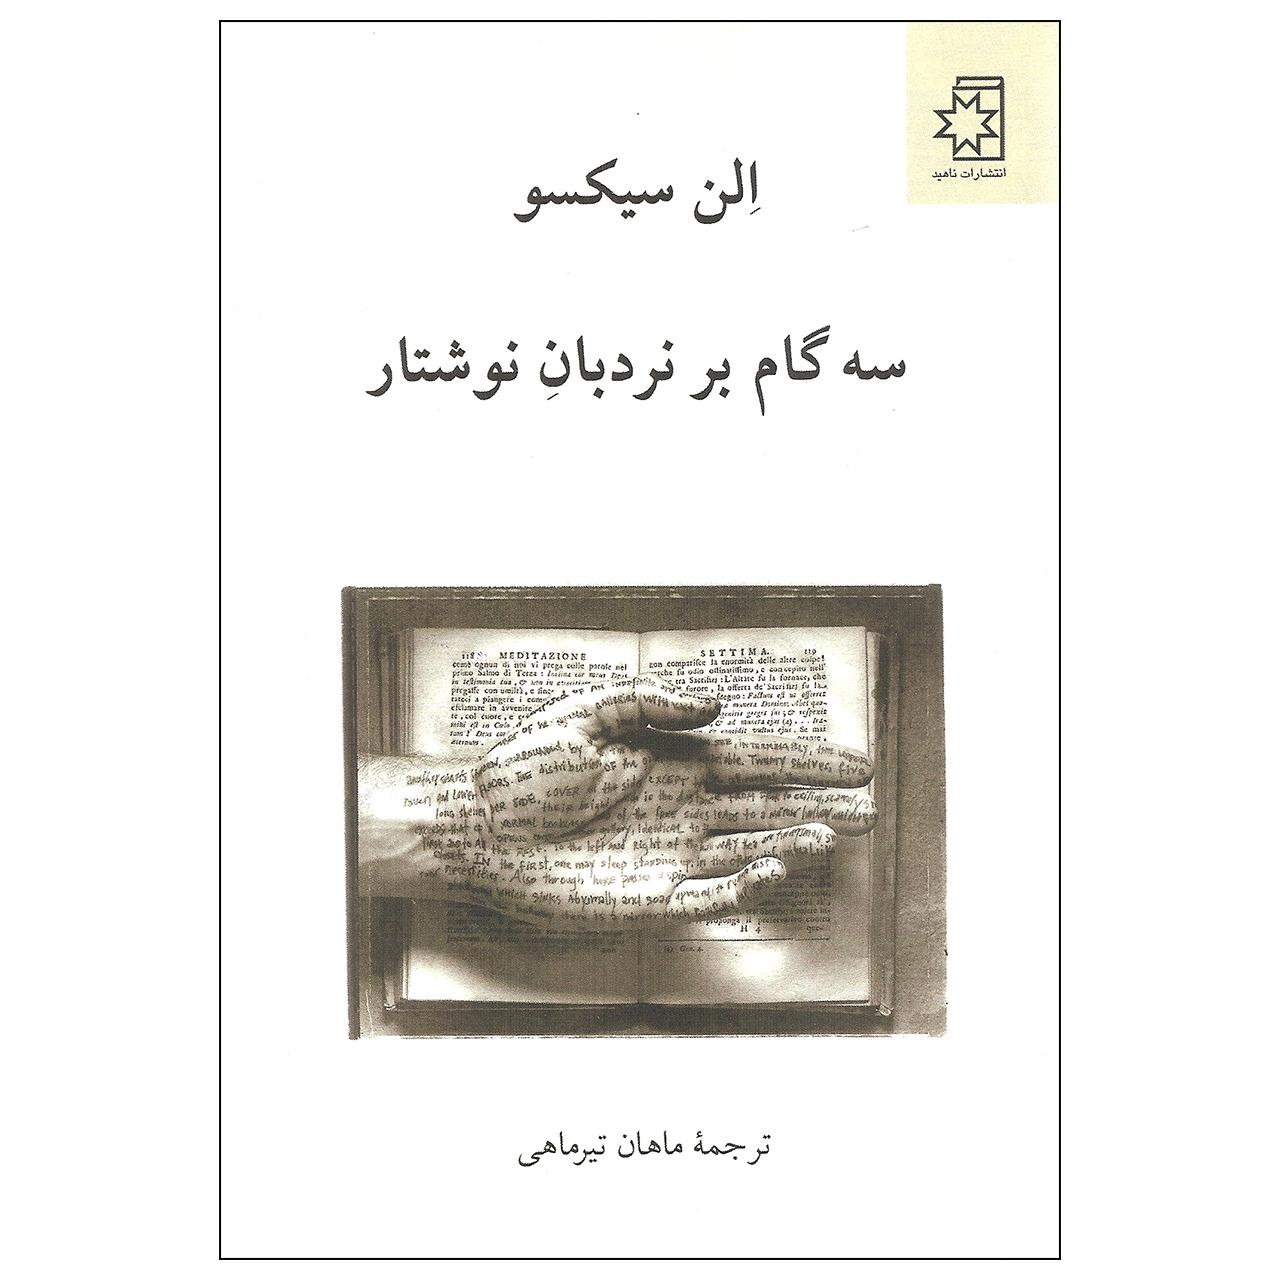 کتاب سه گام بر نردبان نوشتار اثر الن سیکسو انتشارات ناهید